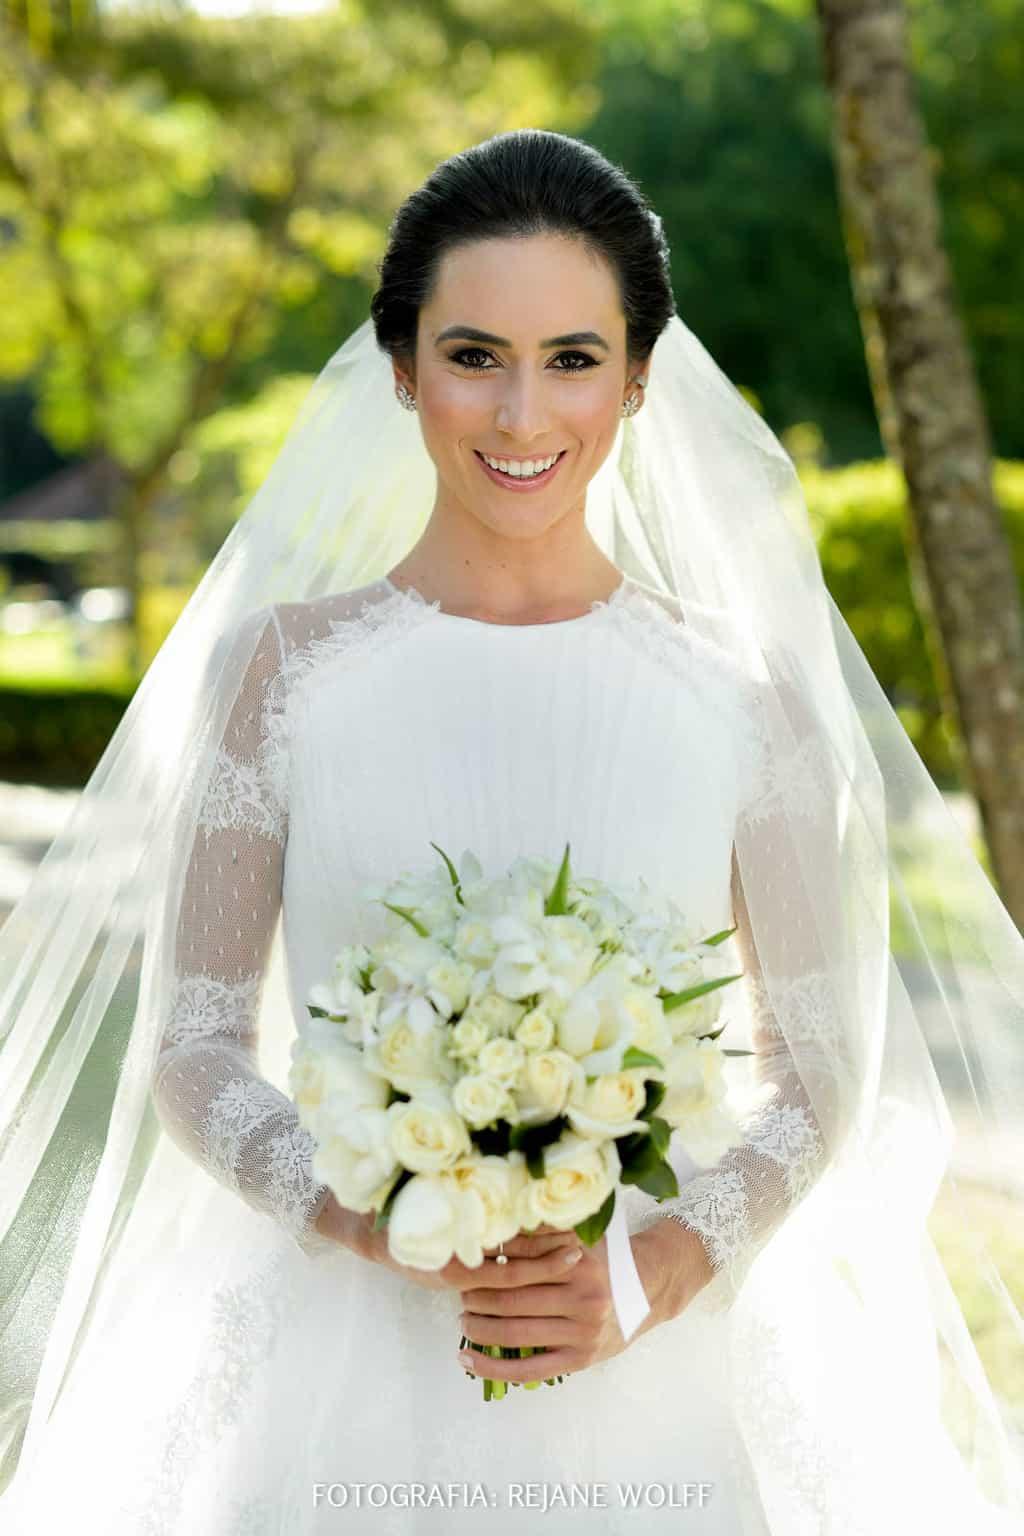 Casamento-Verane-e-Bruno-fotografia-Rejane-Wolff-hora-do-buque-Rej-Terras-de-Clara15